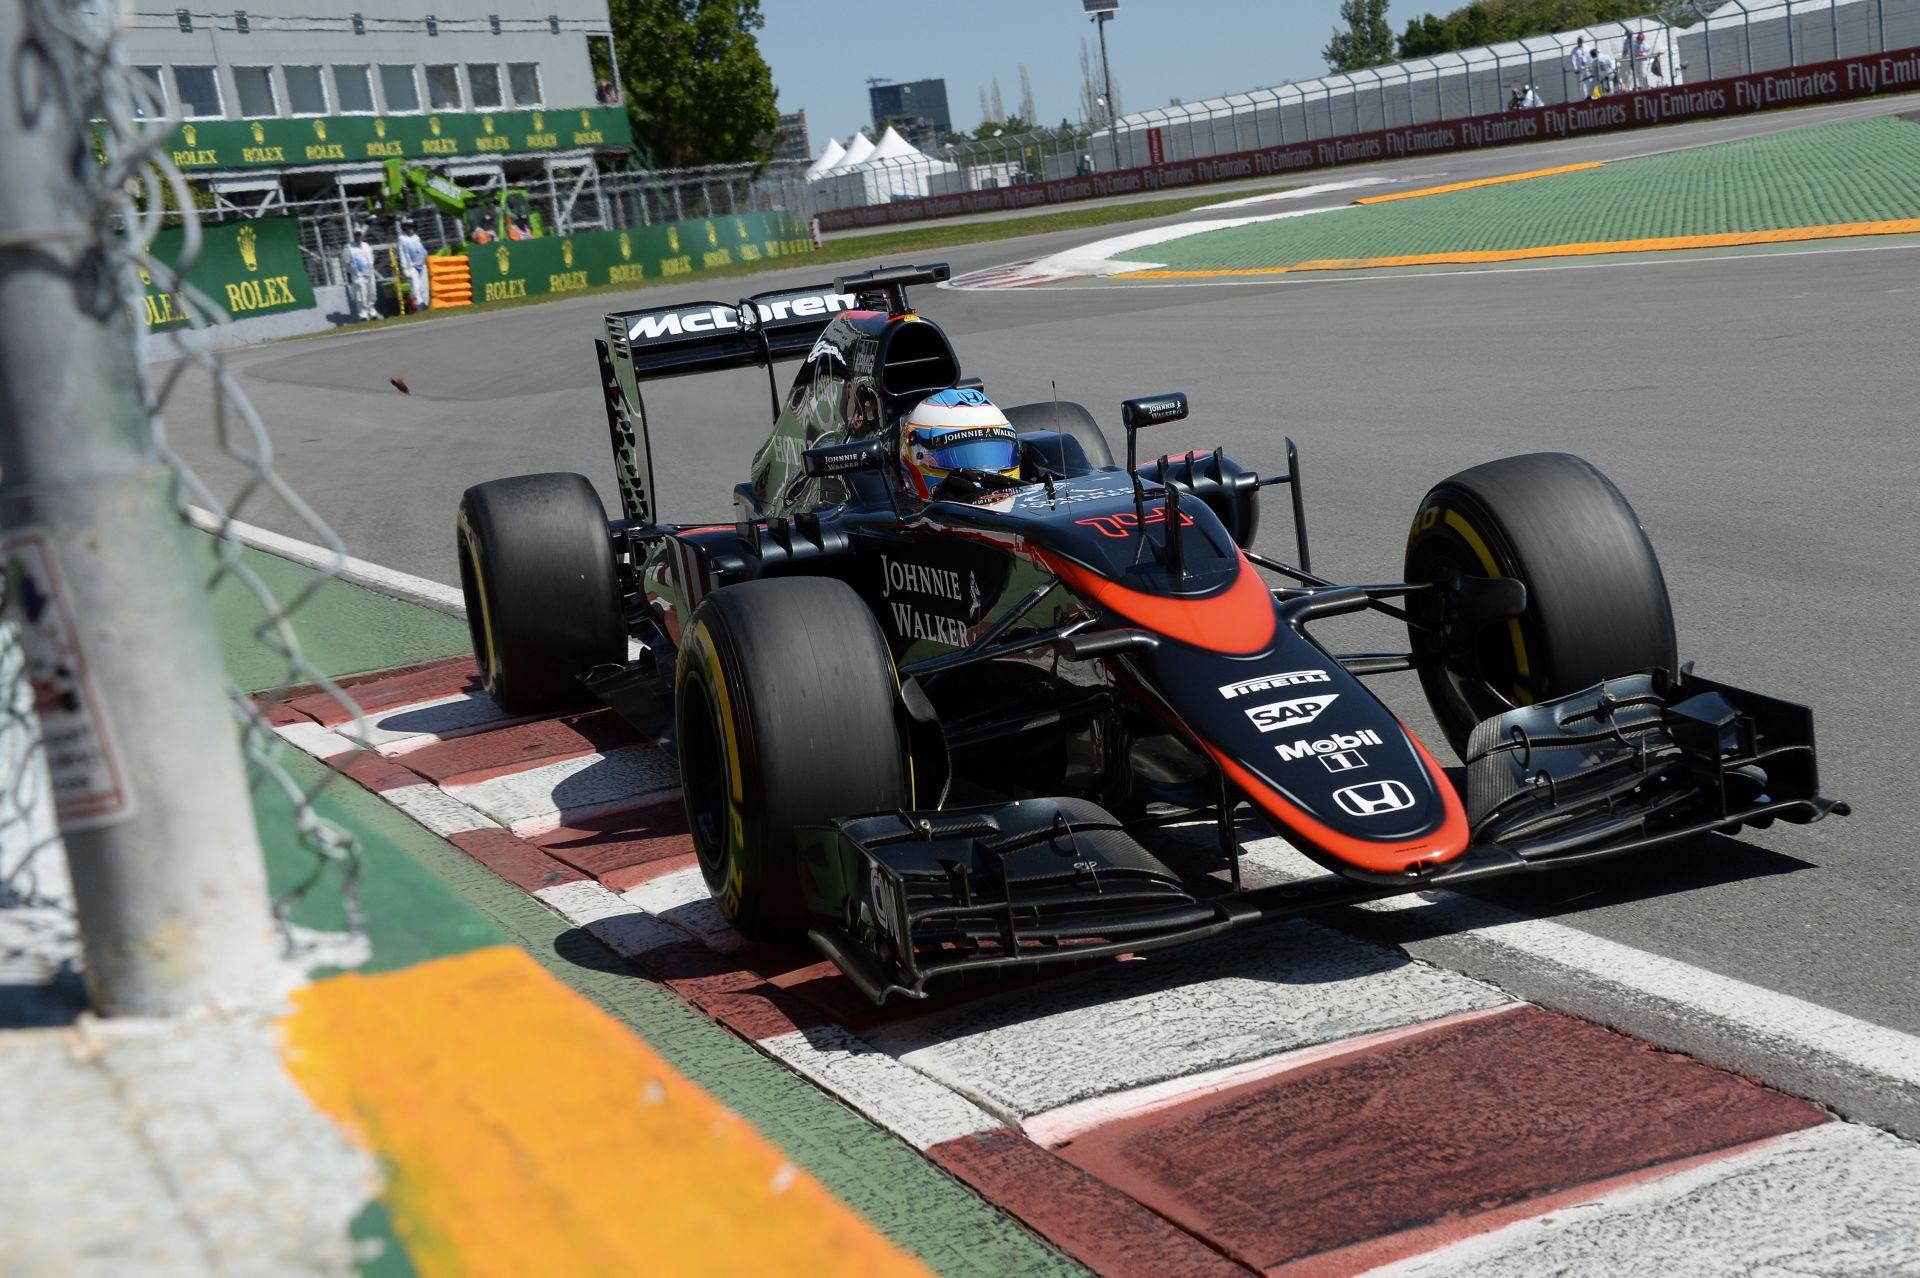 Alonso a McLaren-Honda szégyenteljes teljesítménye ellenére maradni akar